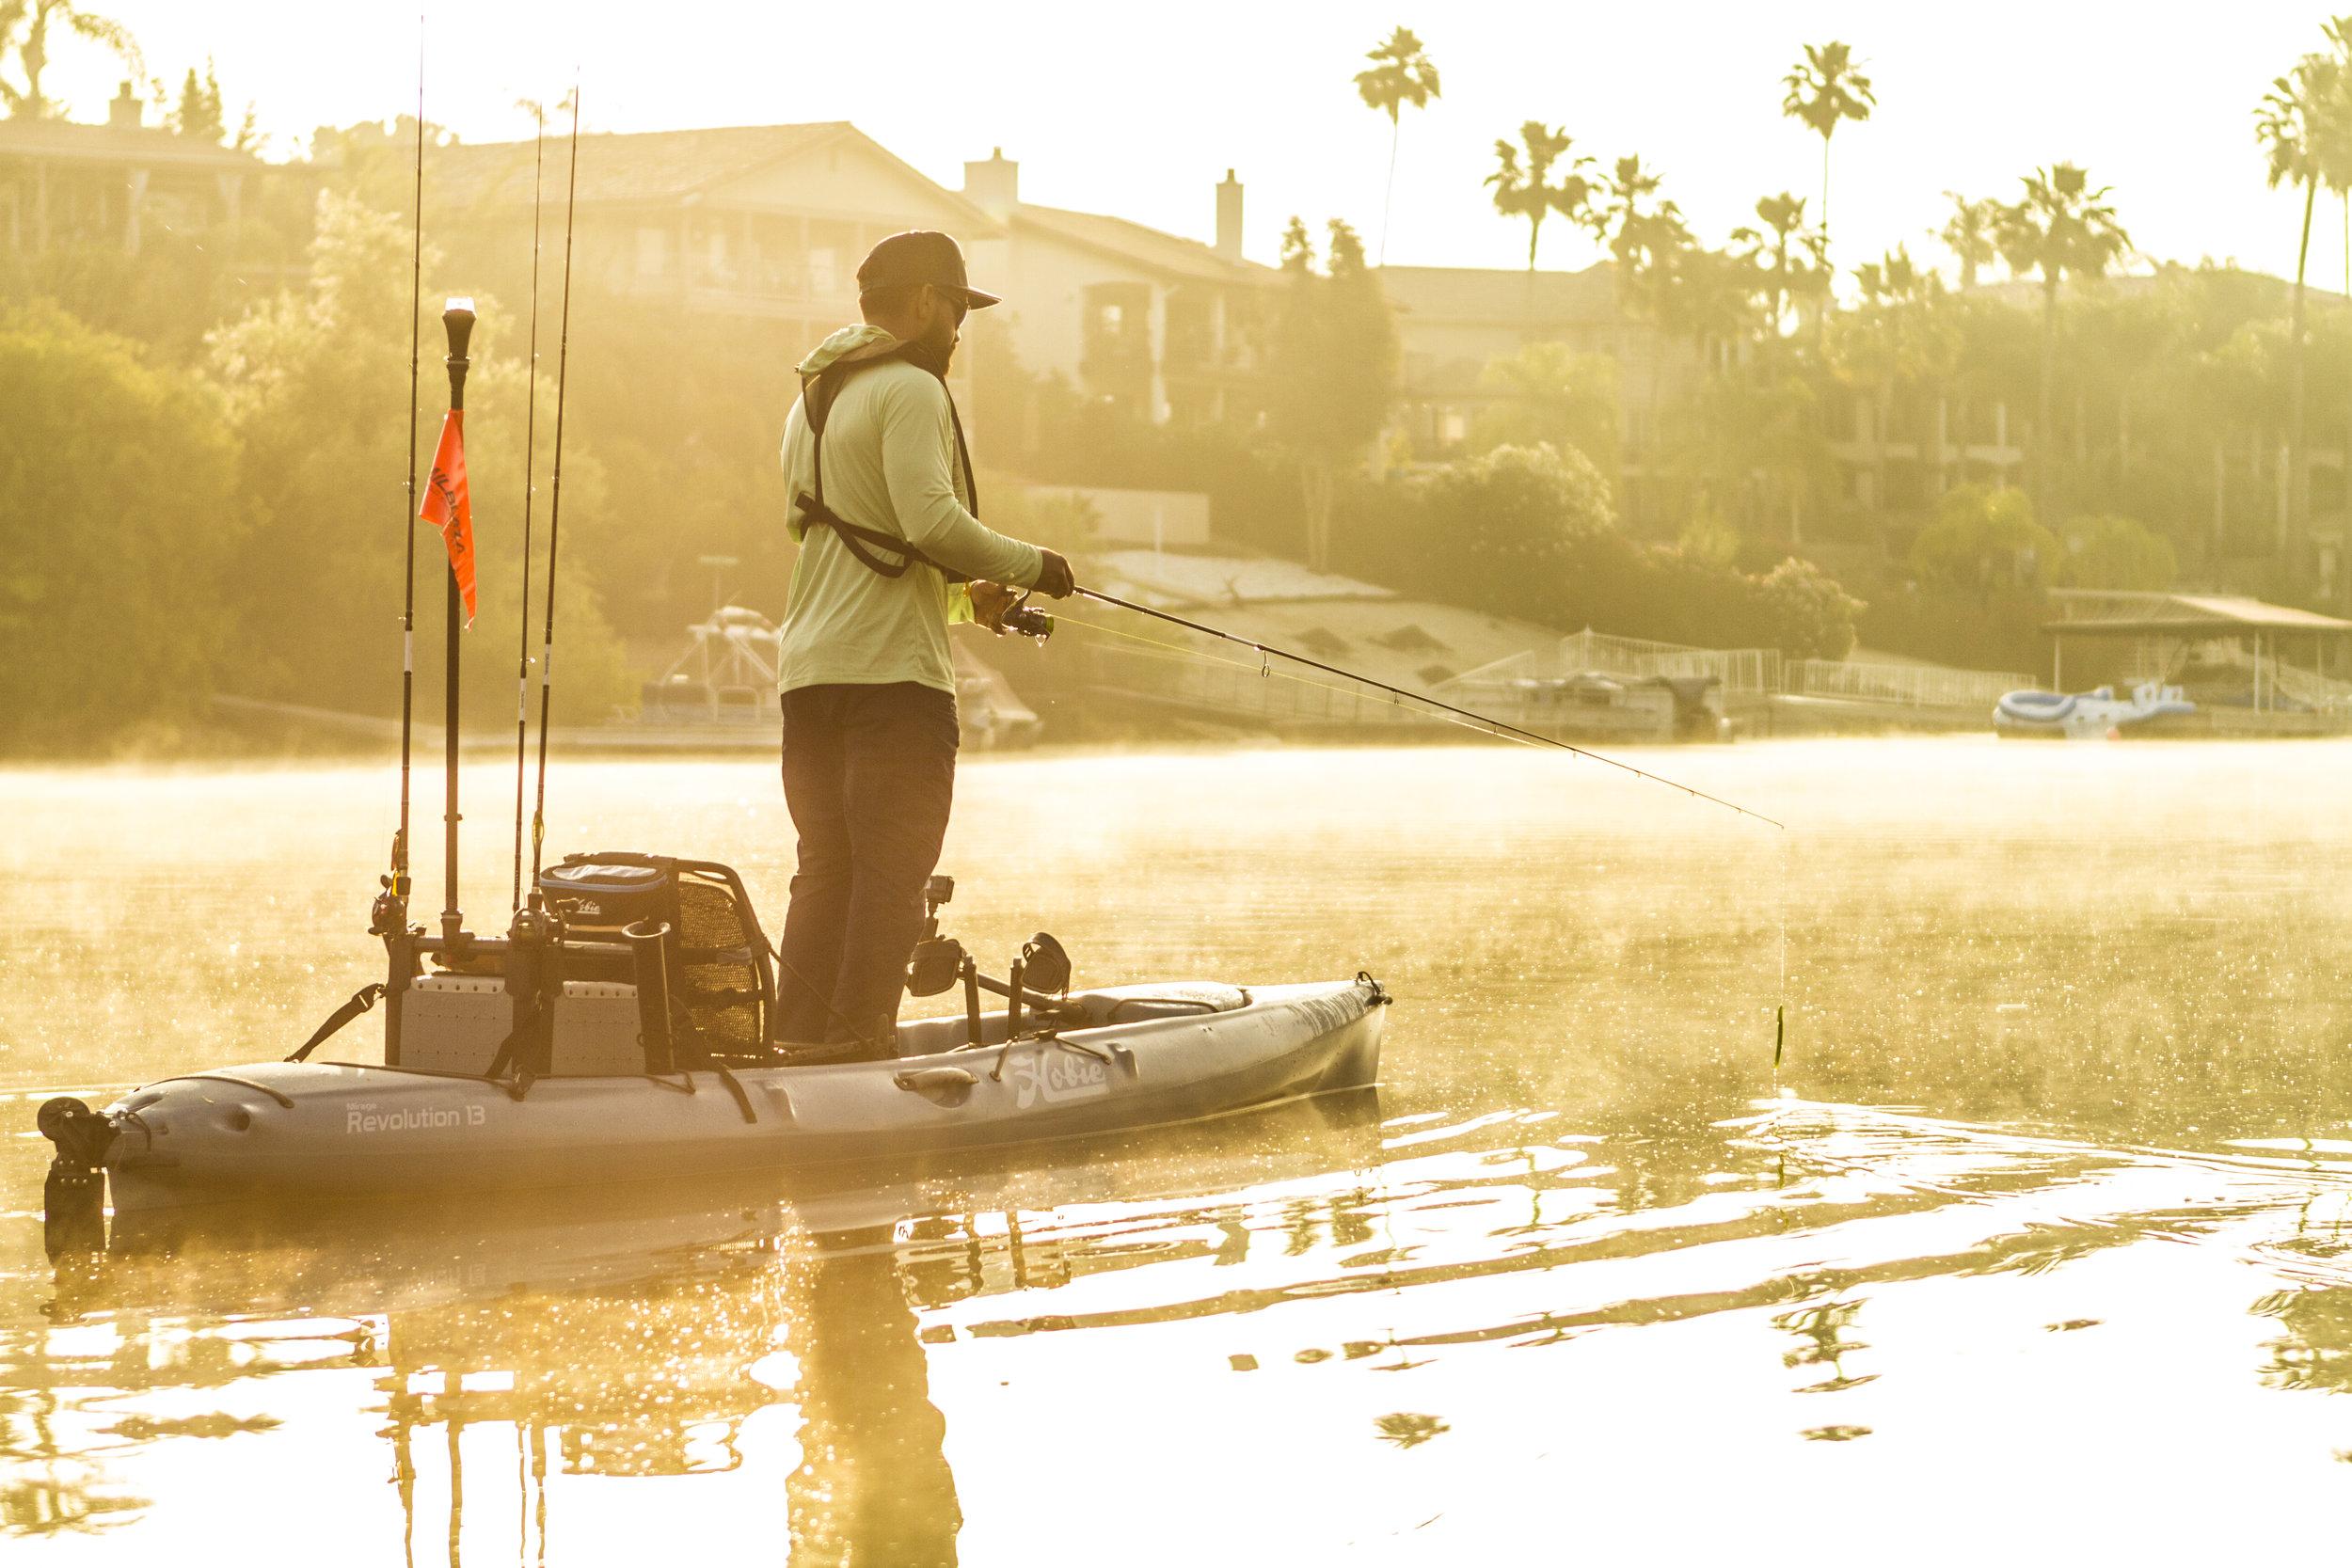 Revolution13_action_fishing_standing_morning_fog_Howie_lake.jpg